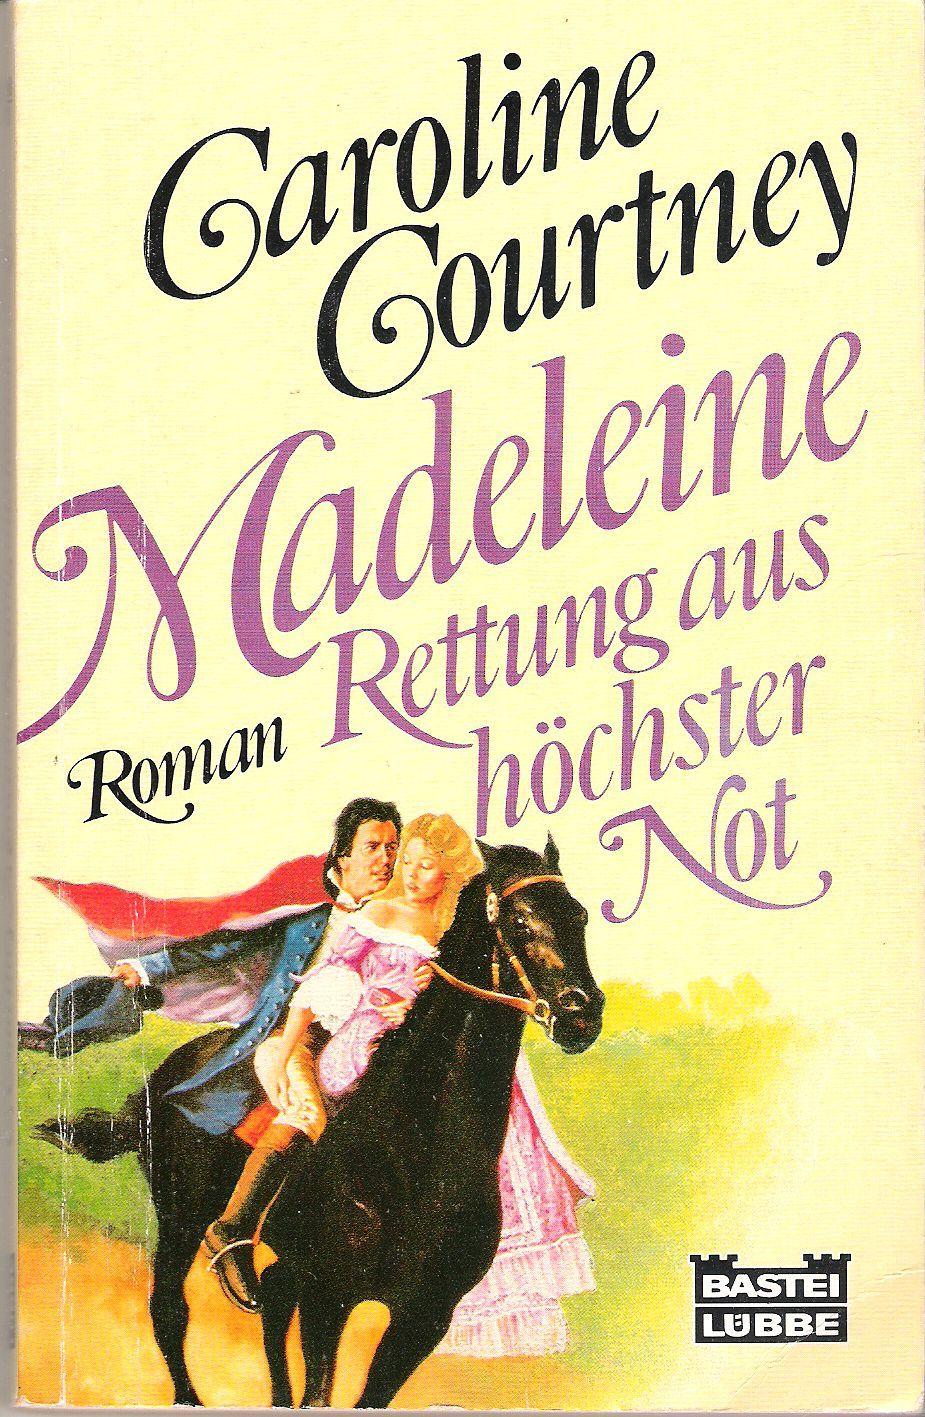 Madeleine - Rettung aus höchster Not (Bastei-Lübbe-Taschenbuch, #10168) Caroline Courtney